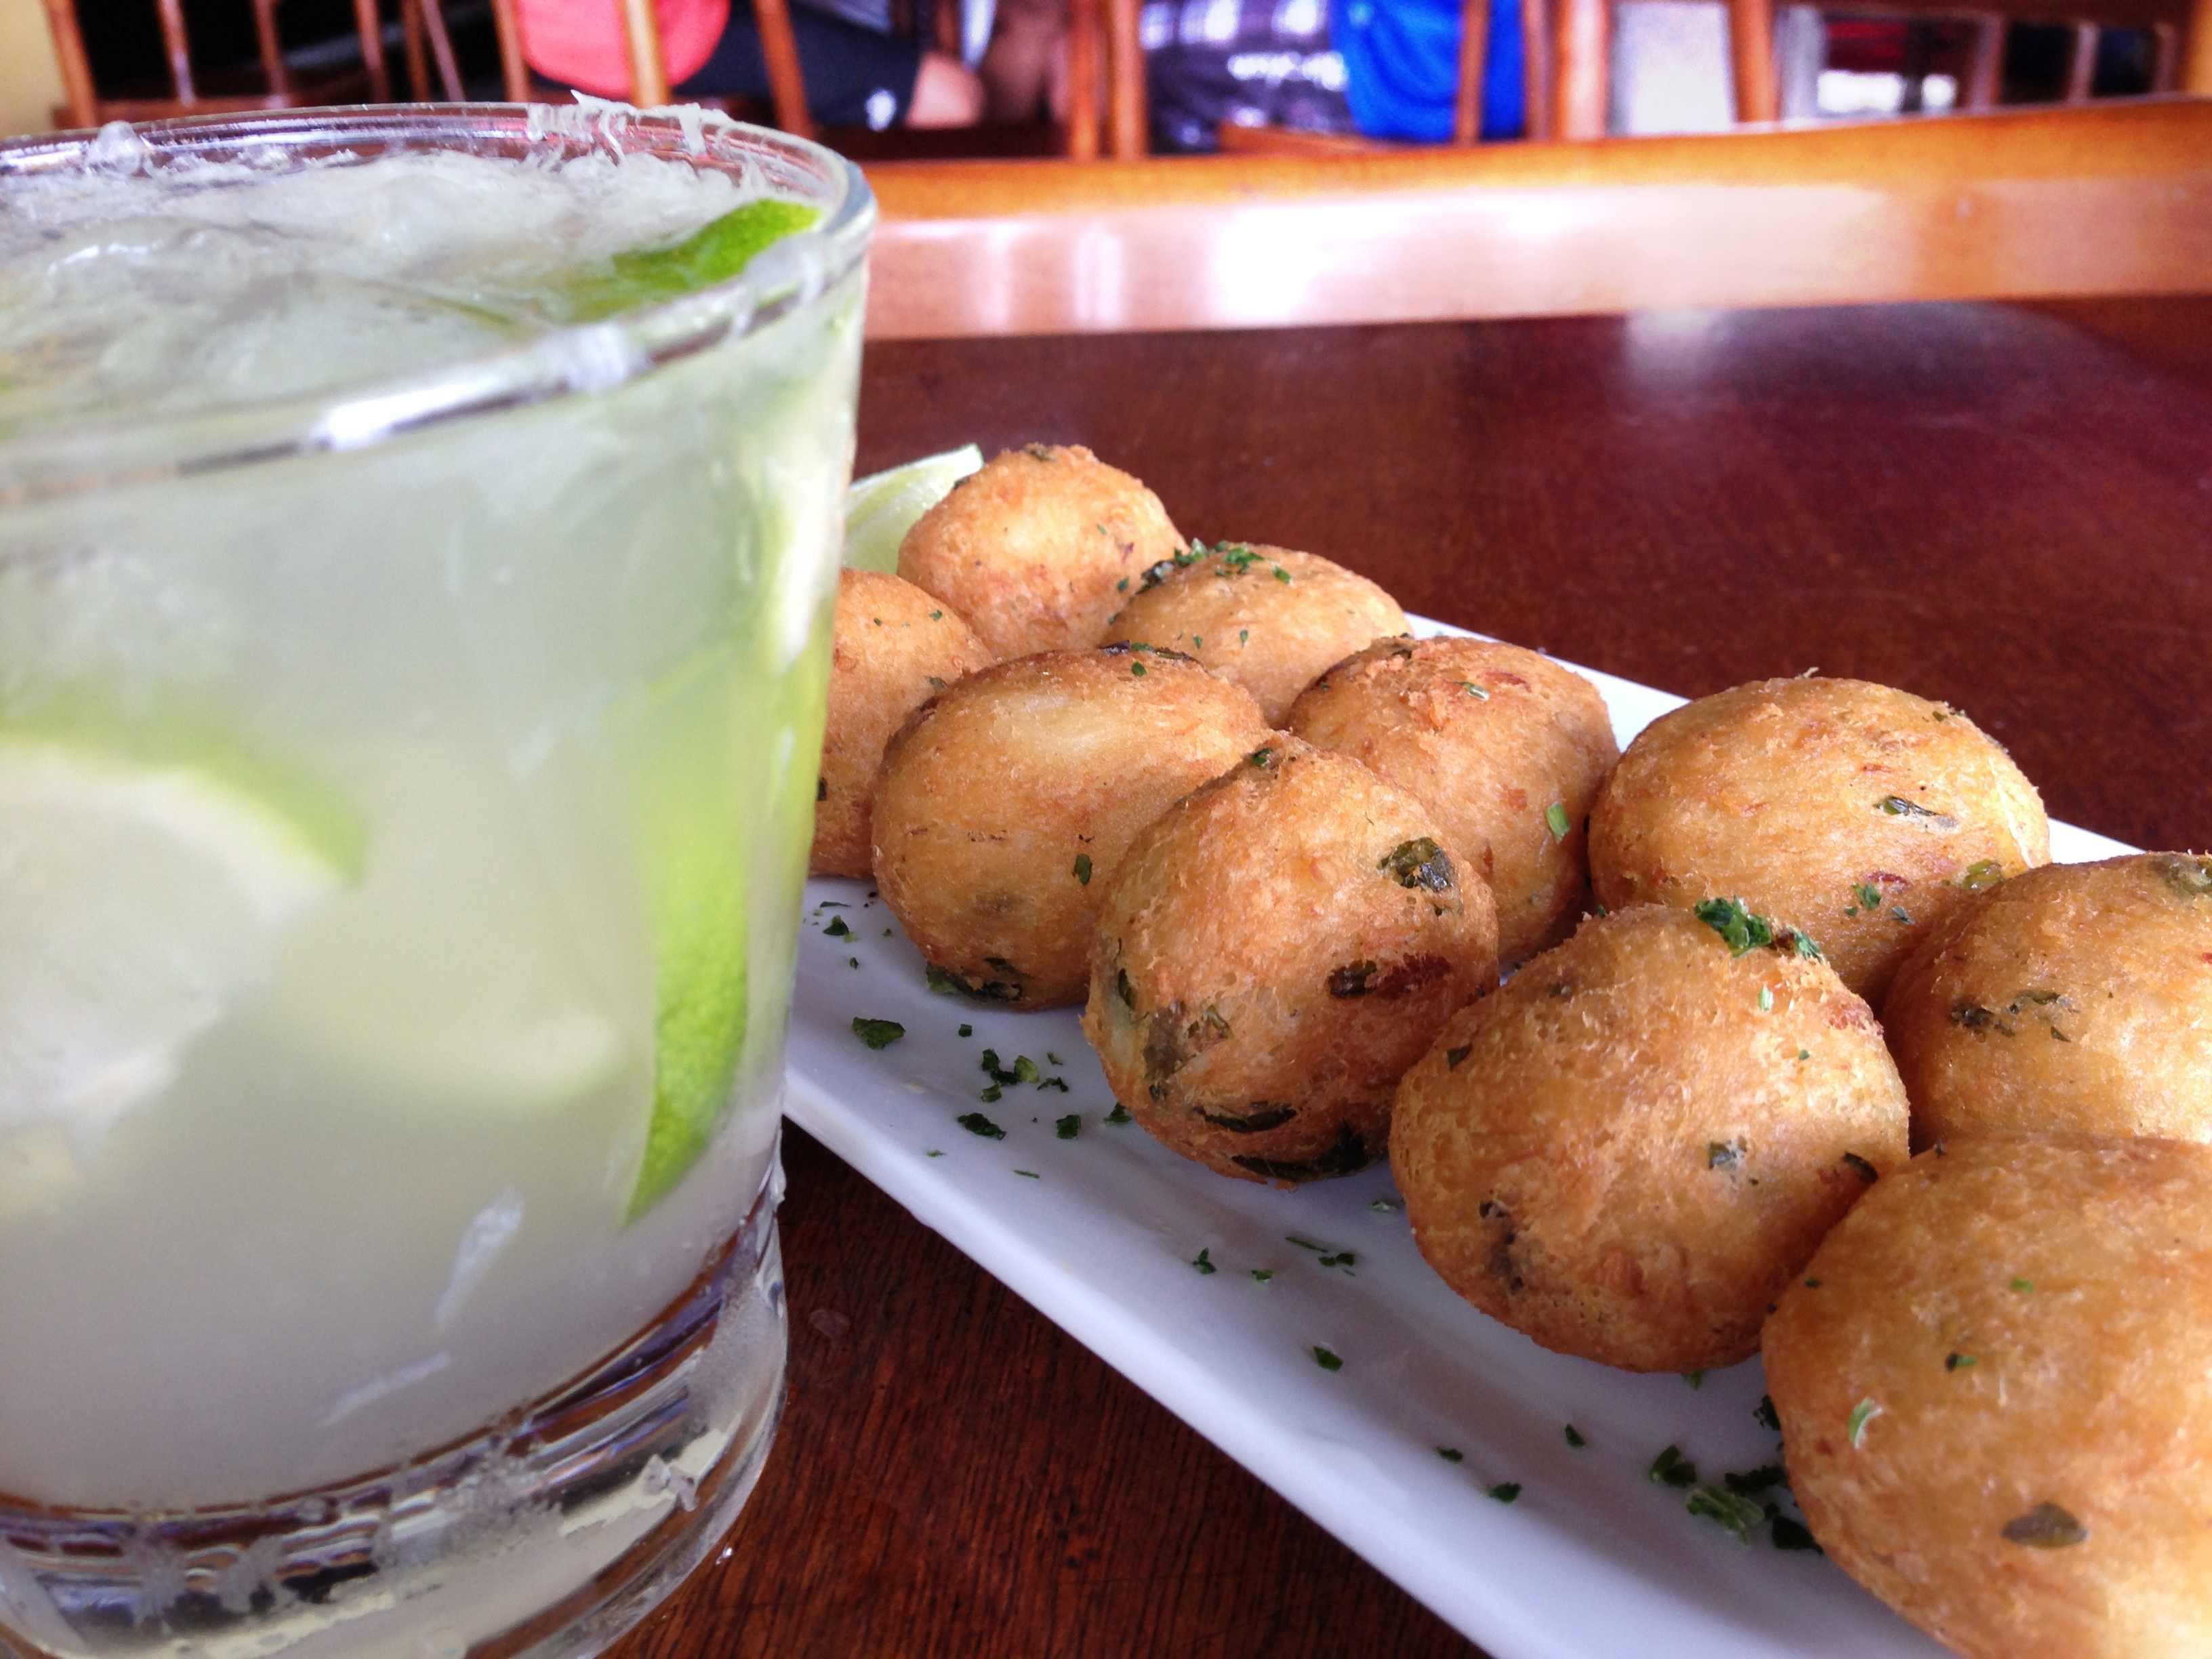 バカリャウ~たらのすり身~と、カイピリーニャというお酒(ブラジル料理)